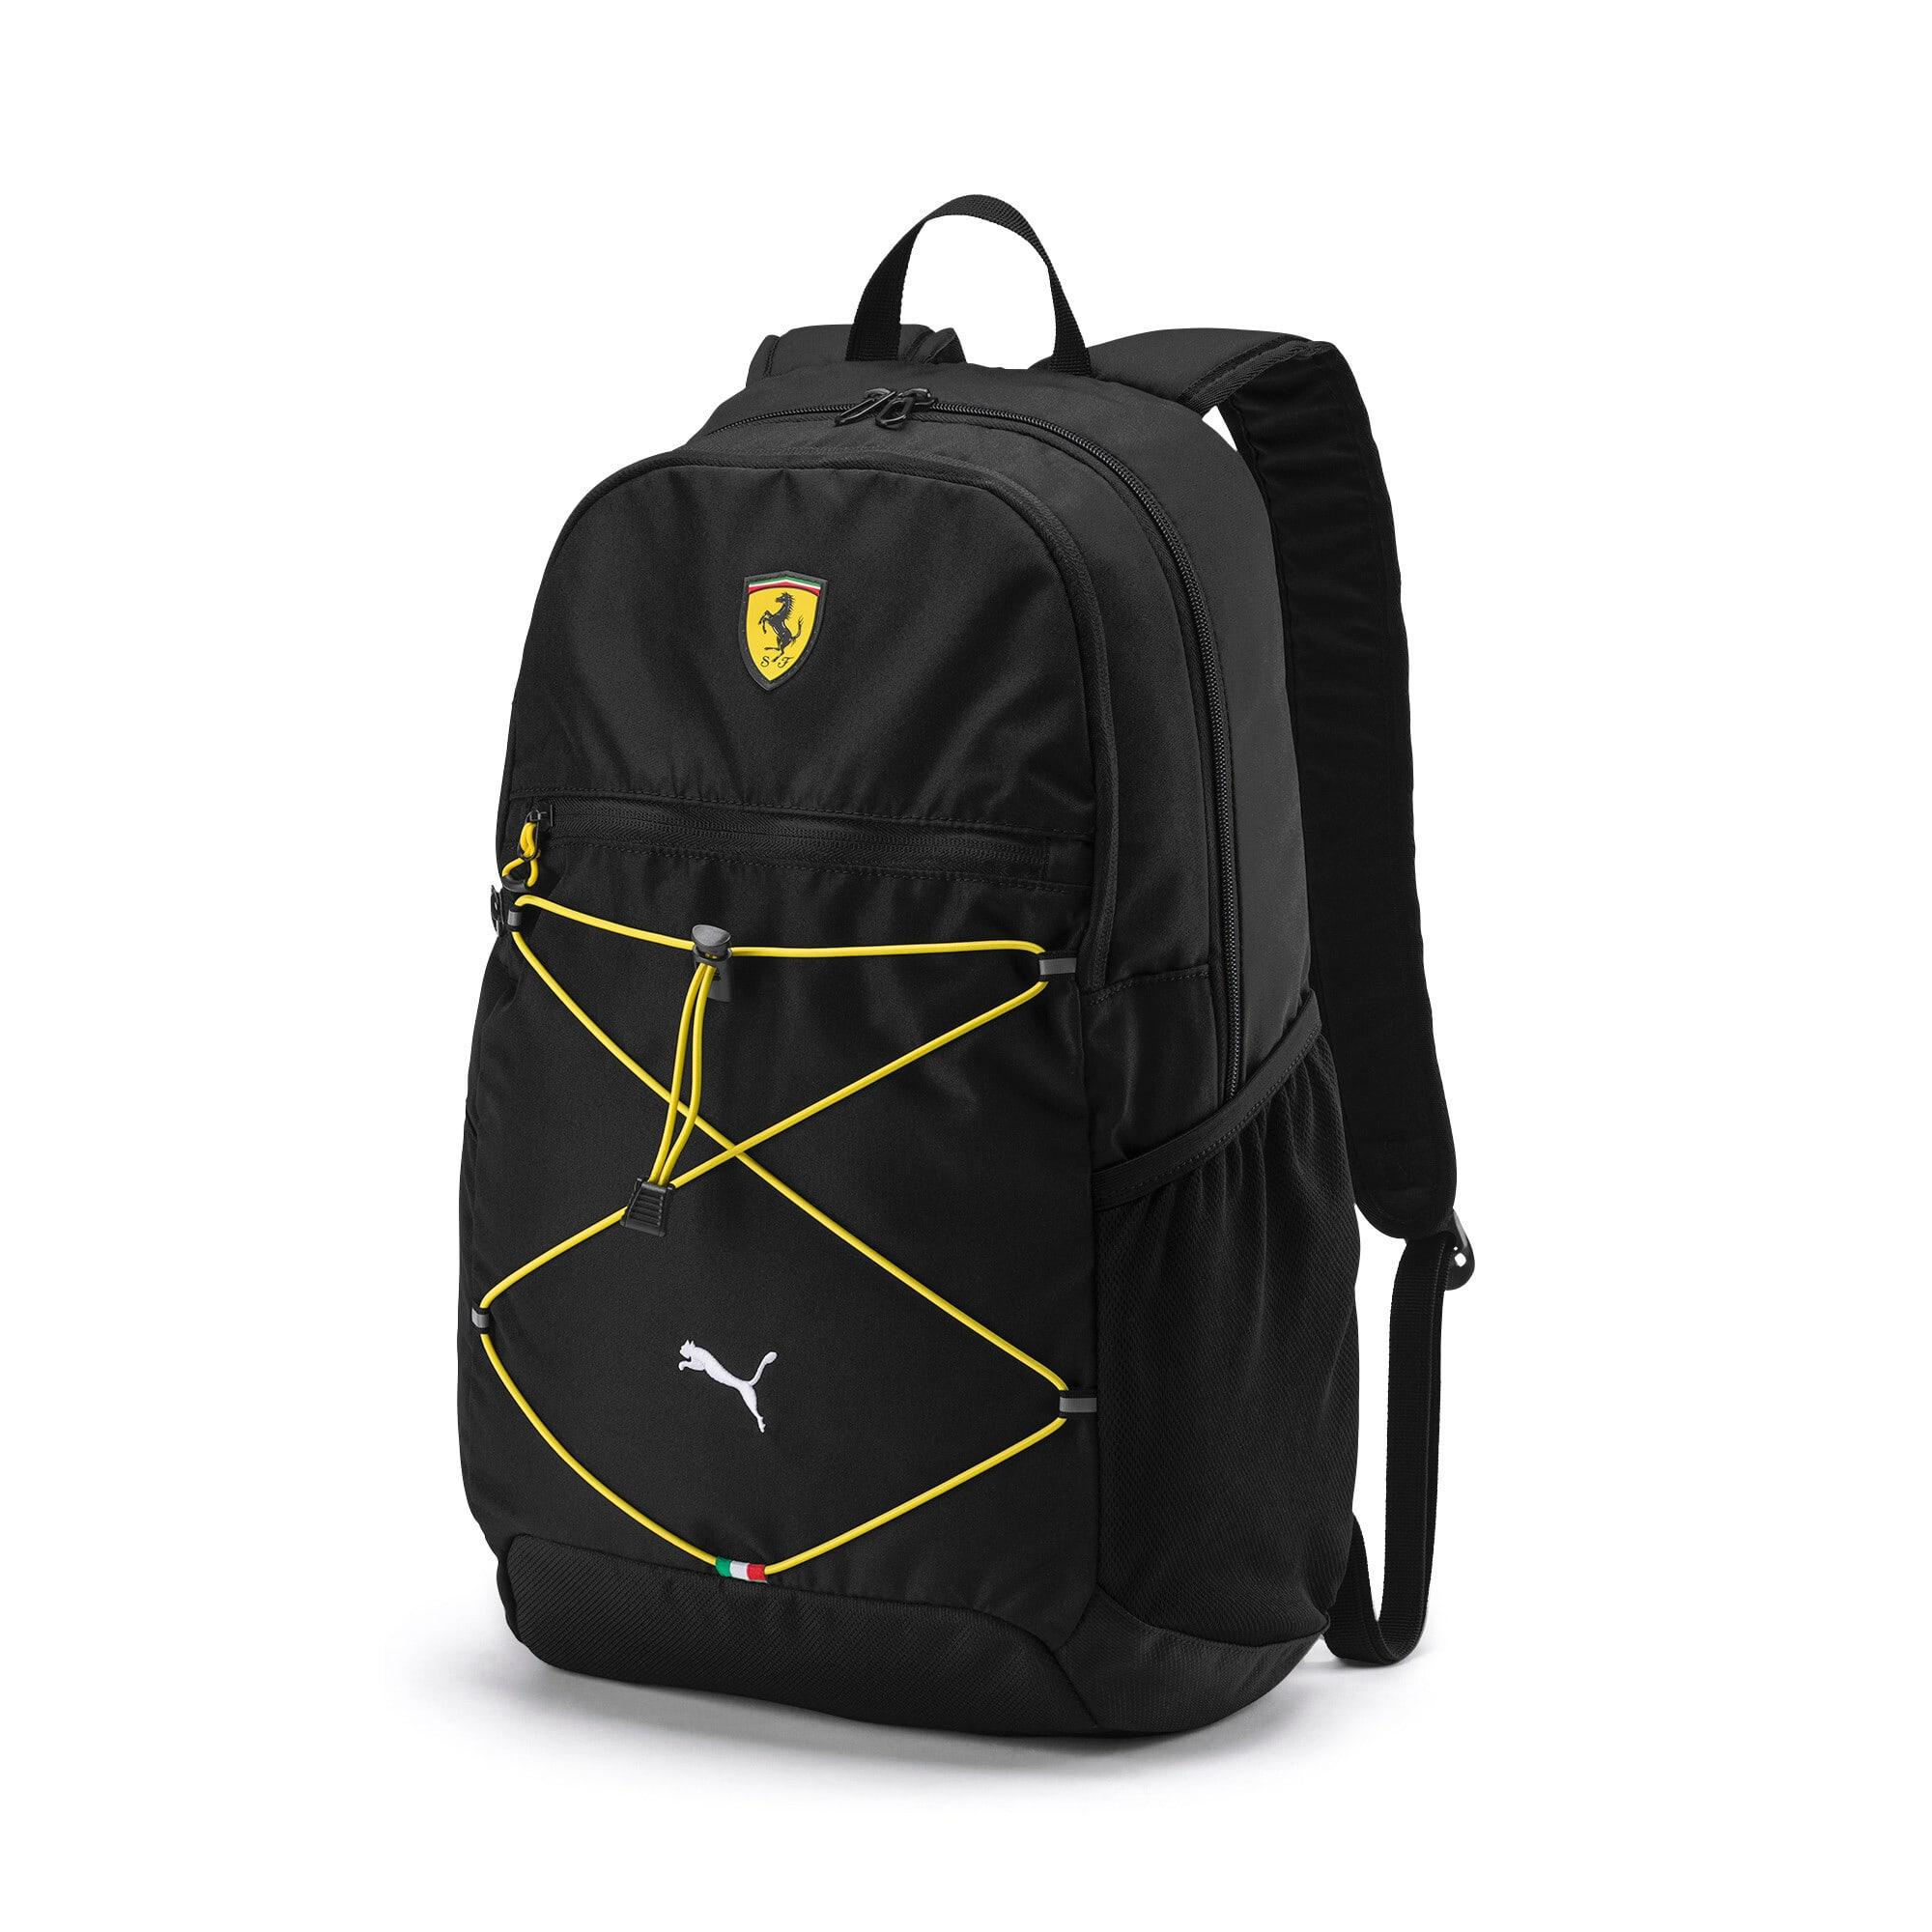 Thumbnail 1 of Ferrari Fanwear Backpack, Puma Black, medium